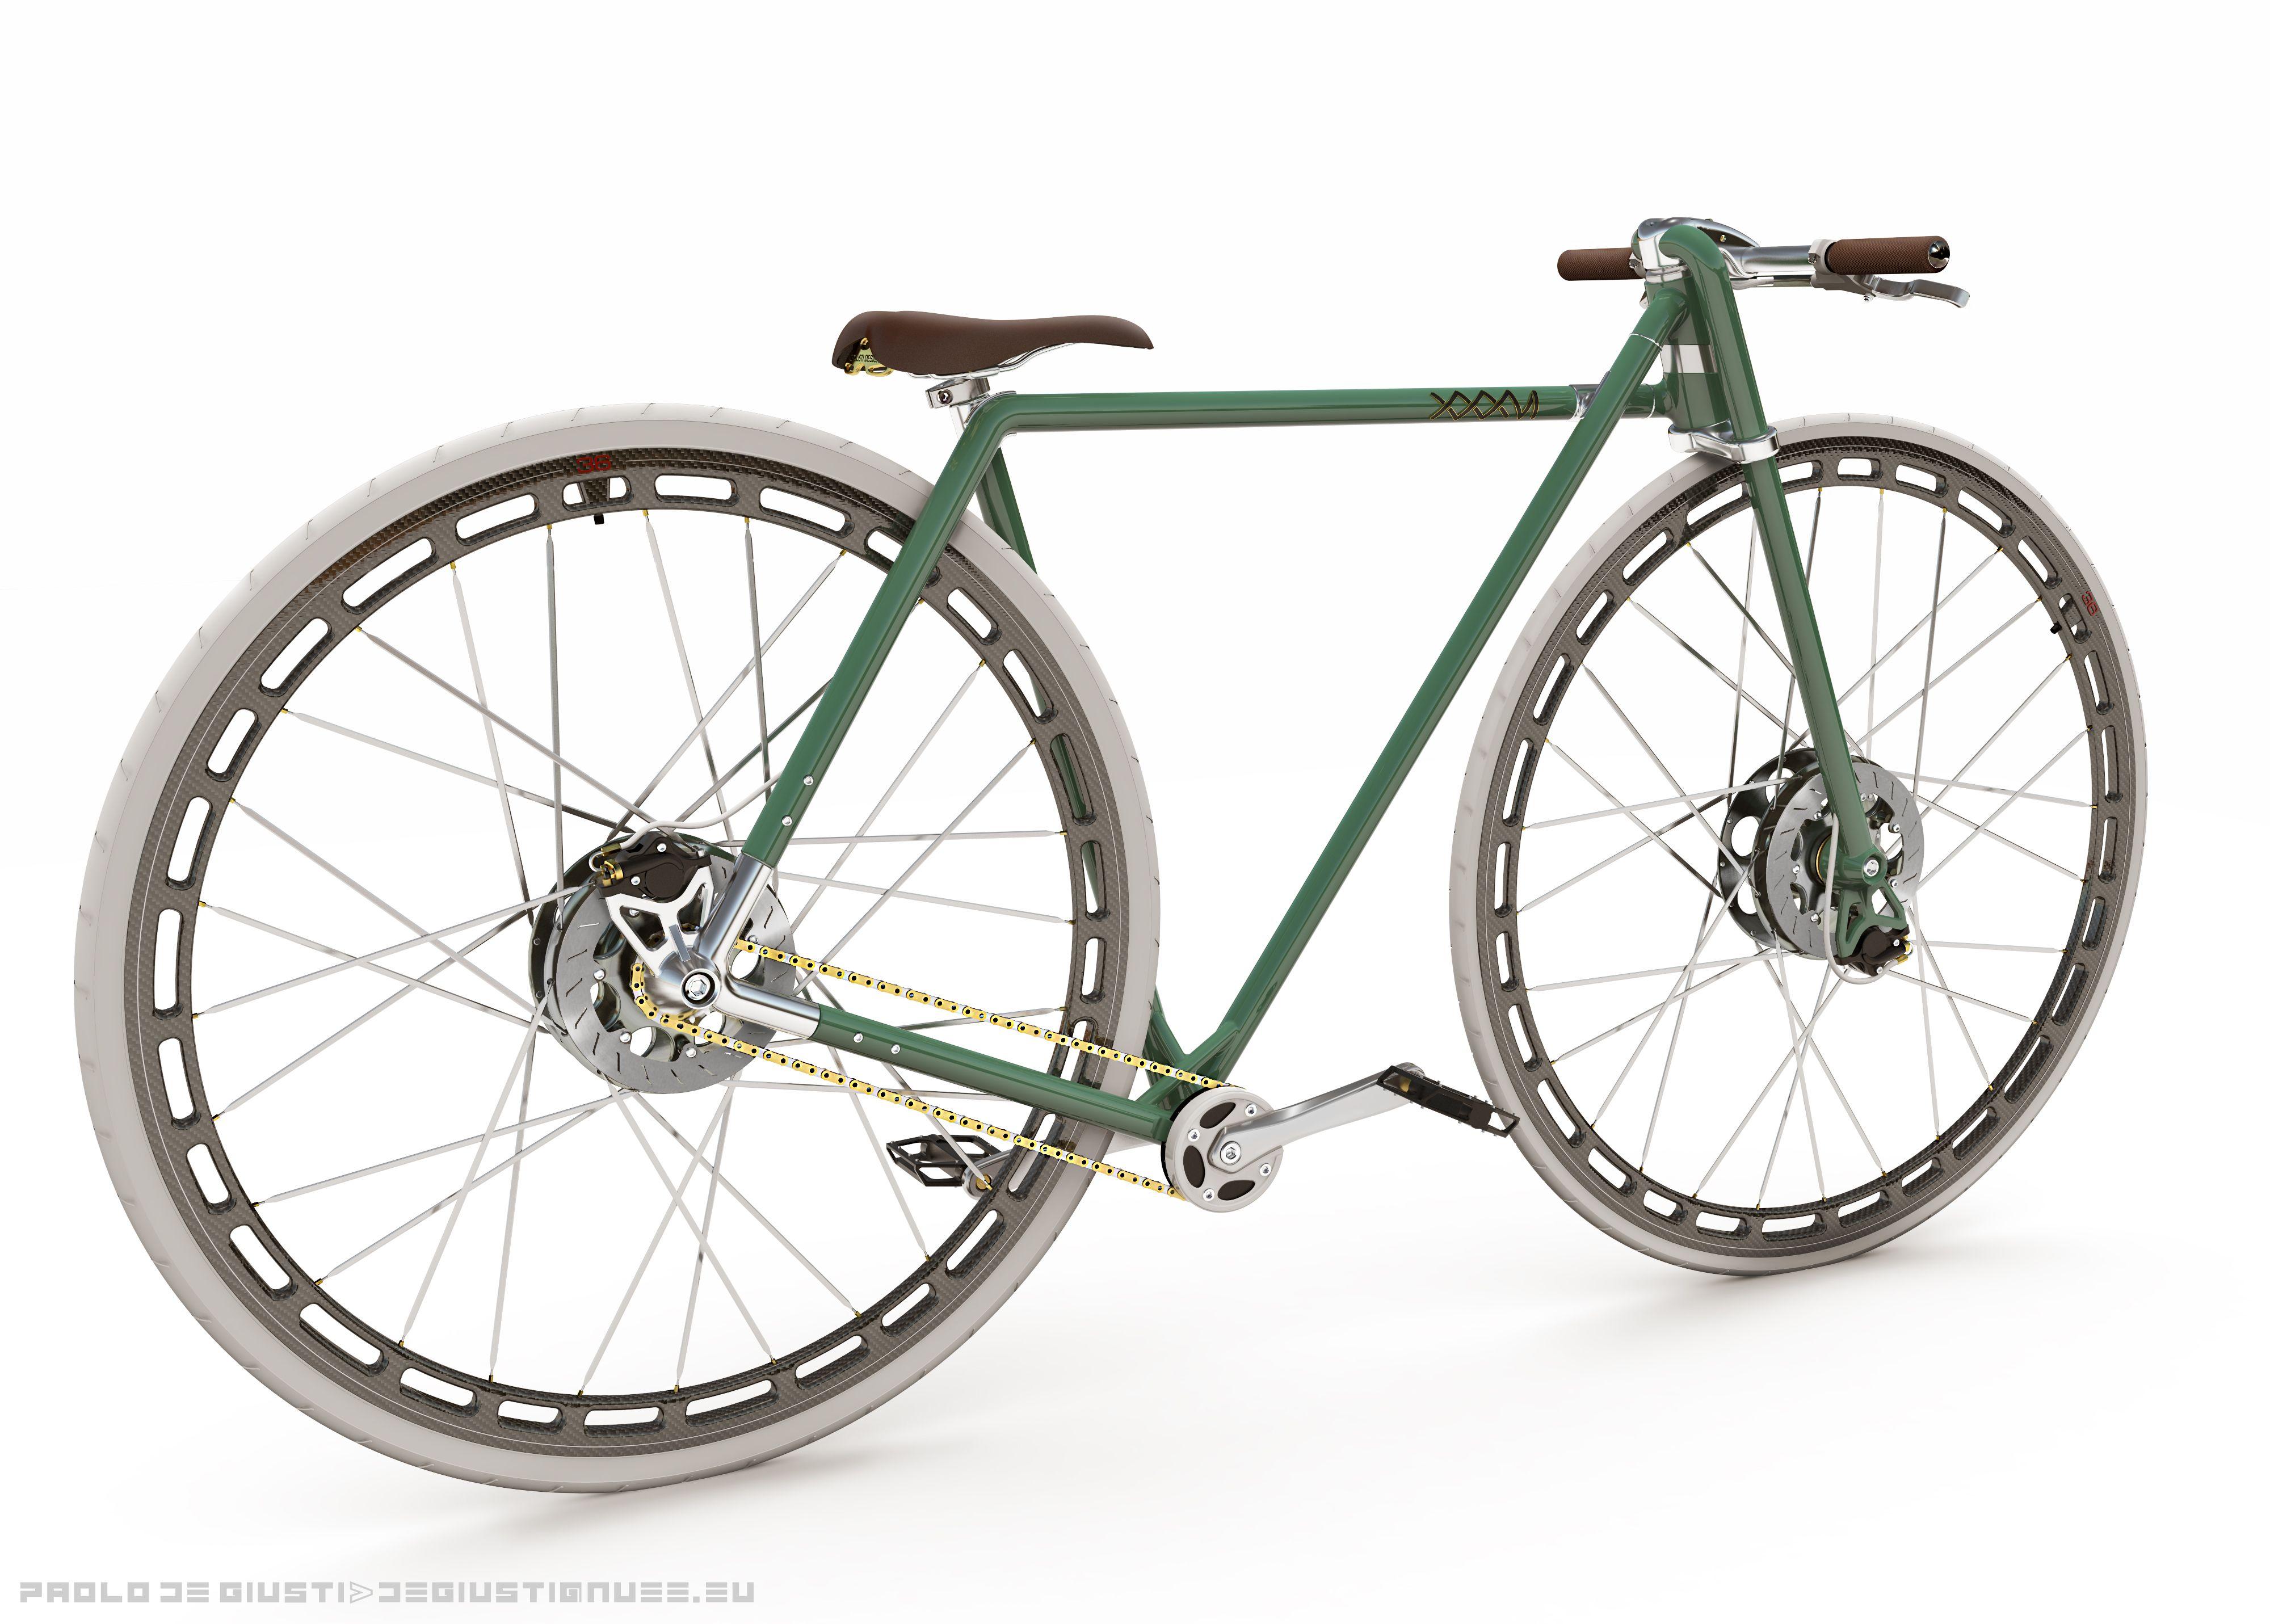 The Domain Name Doshio Com Is For Sale Fahrrad Fahrrad Design